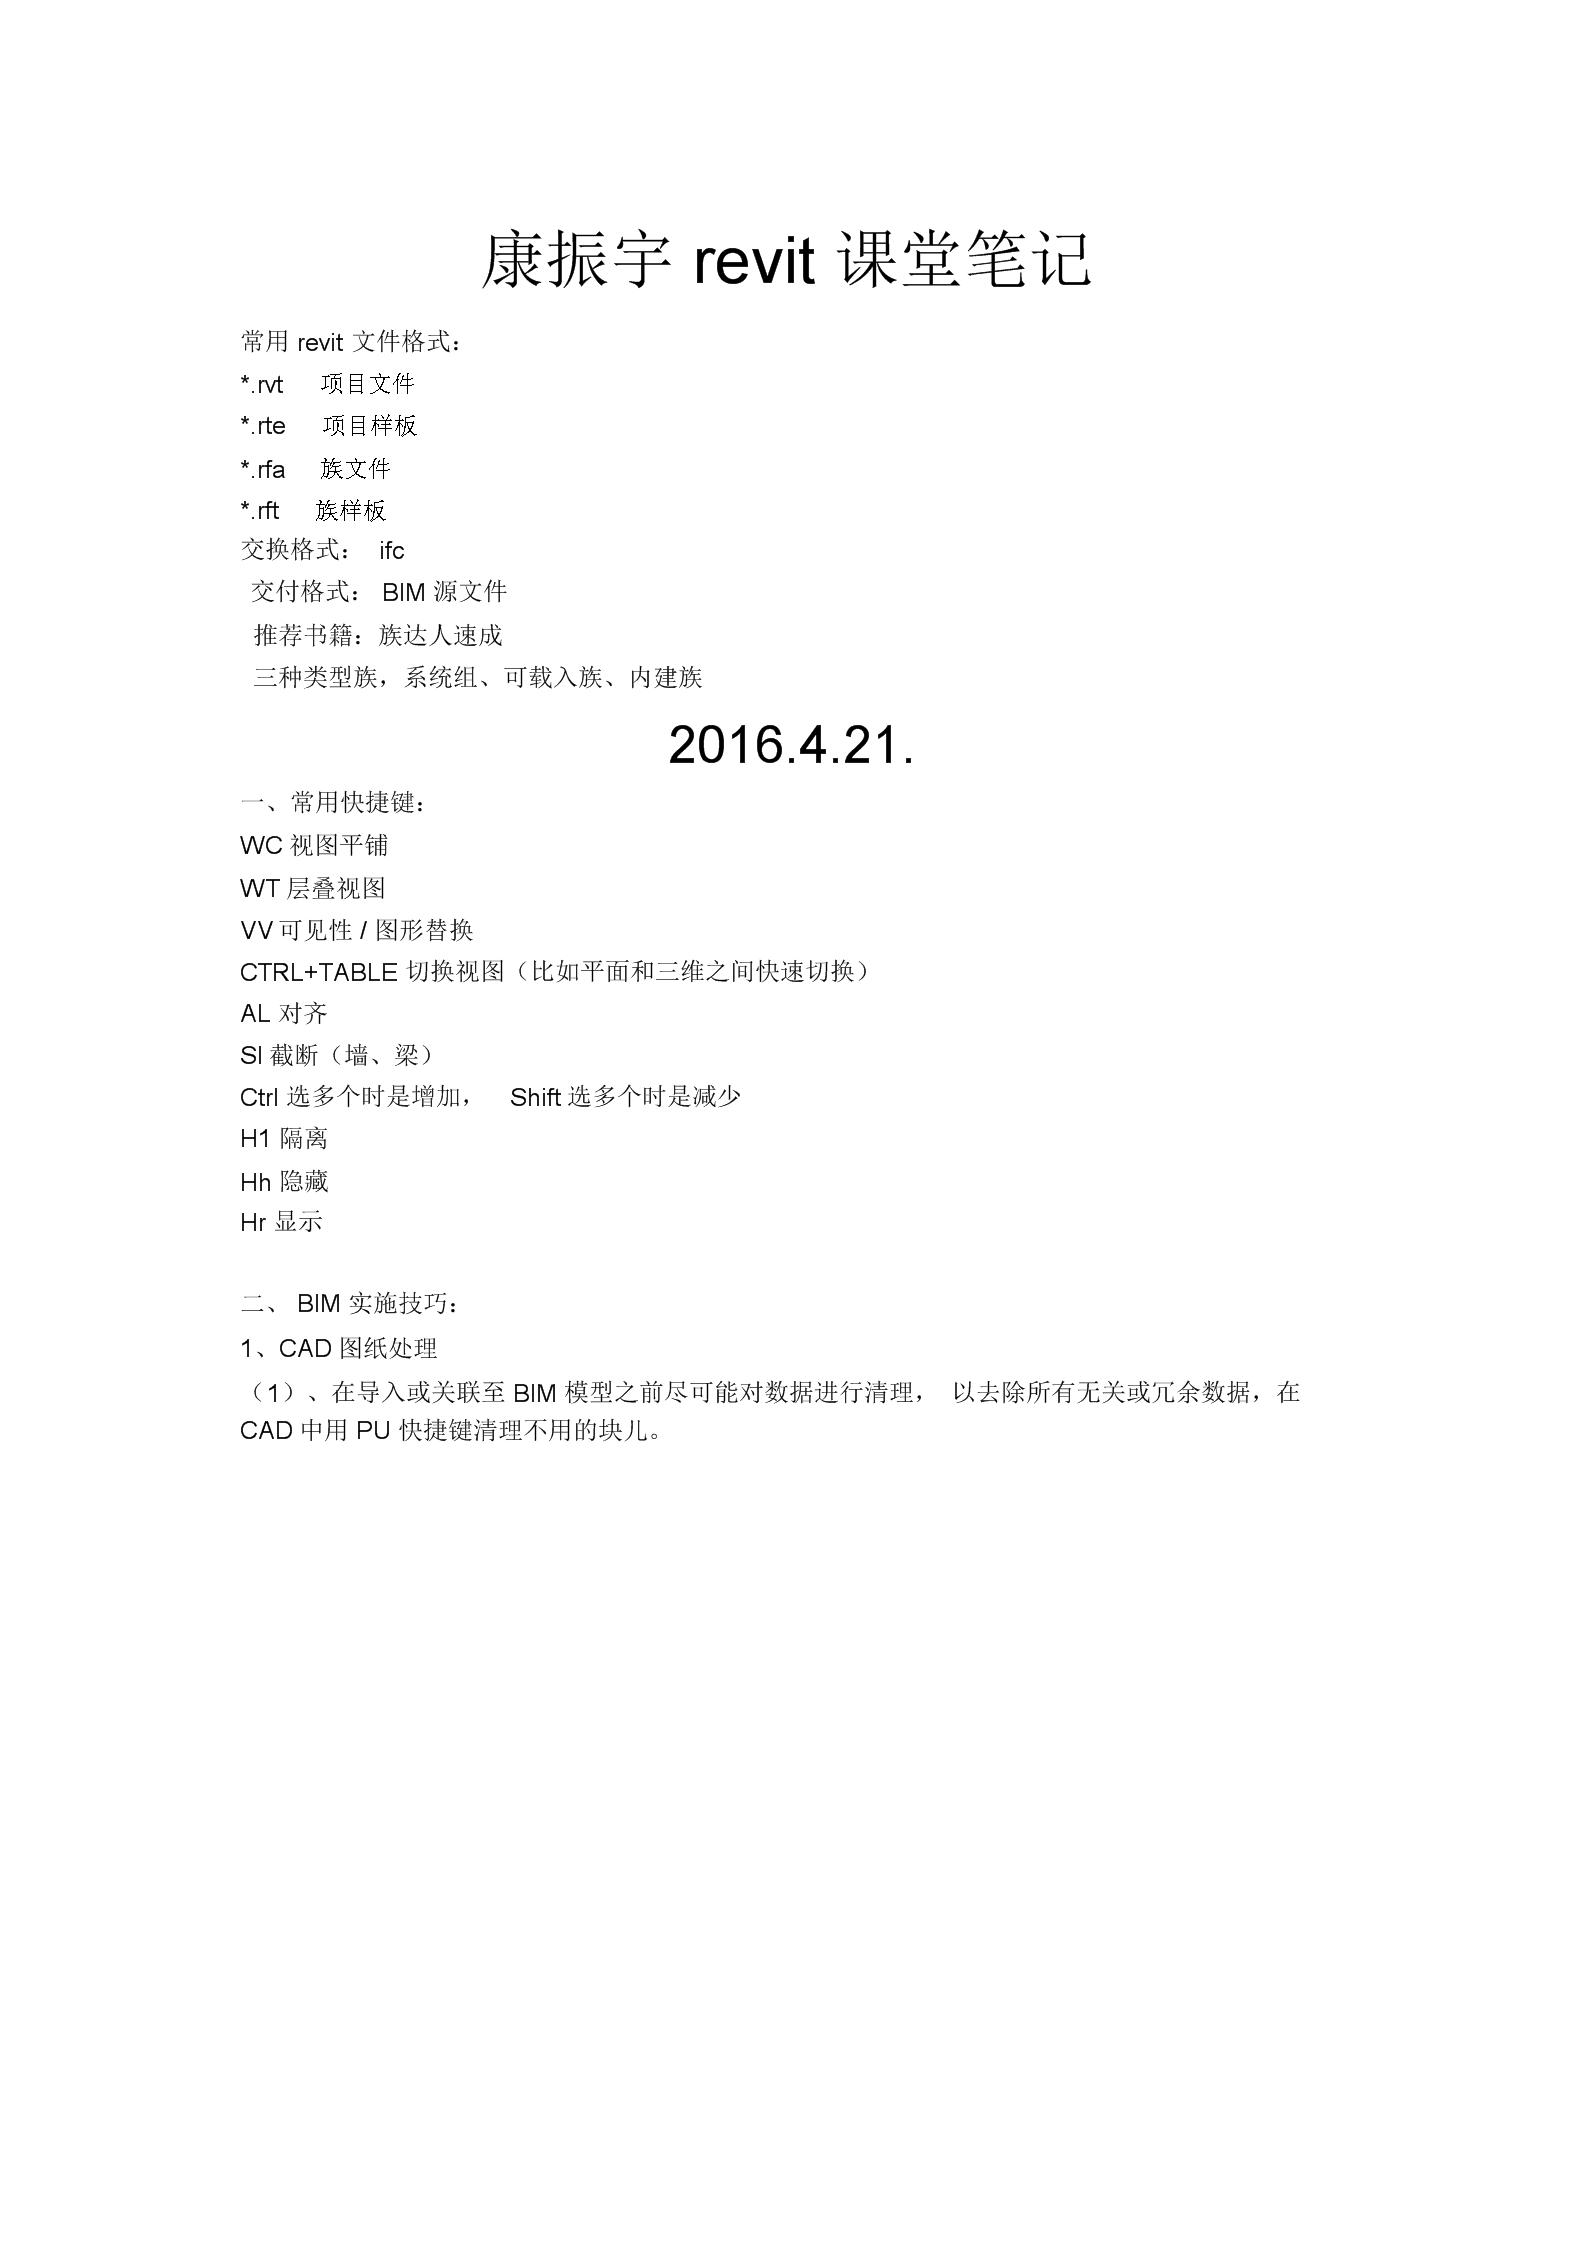 (BIM超实用)revit教程(康振宇).docx